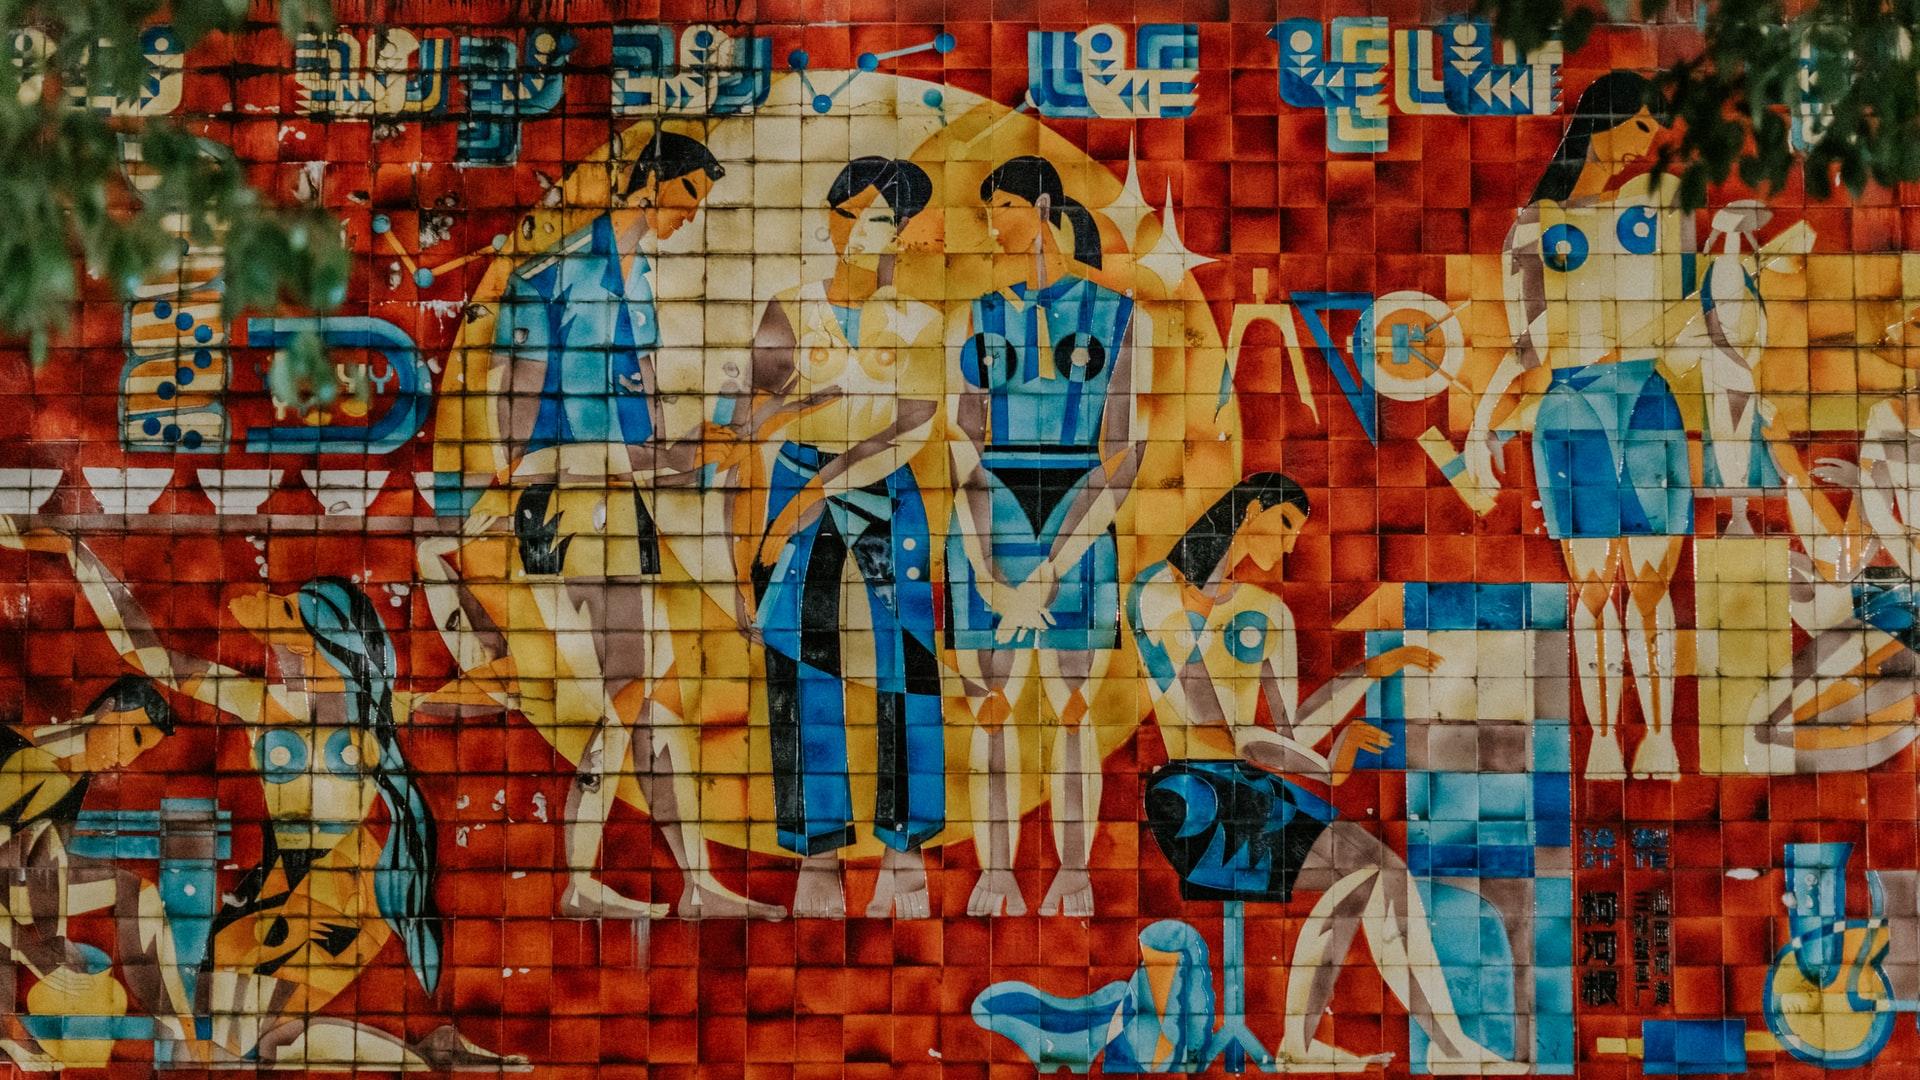 Dal megafono al mosaico: cinque principi per la comunicazione narrativa